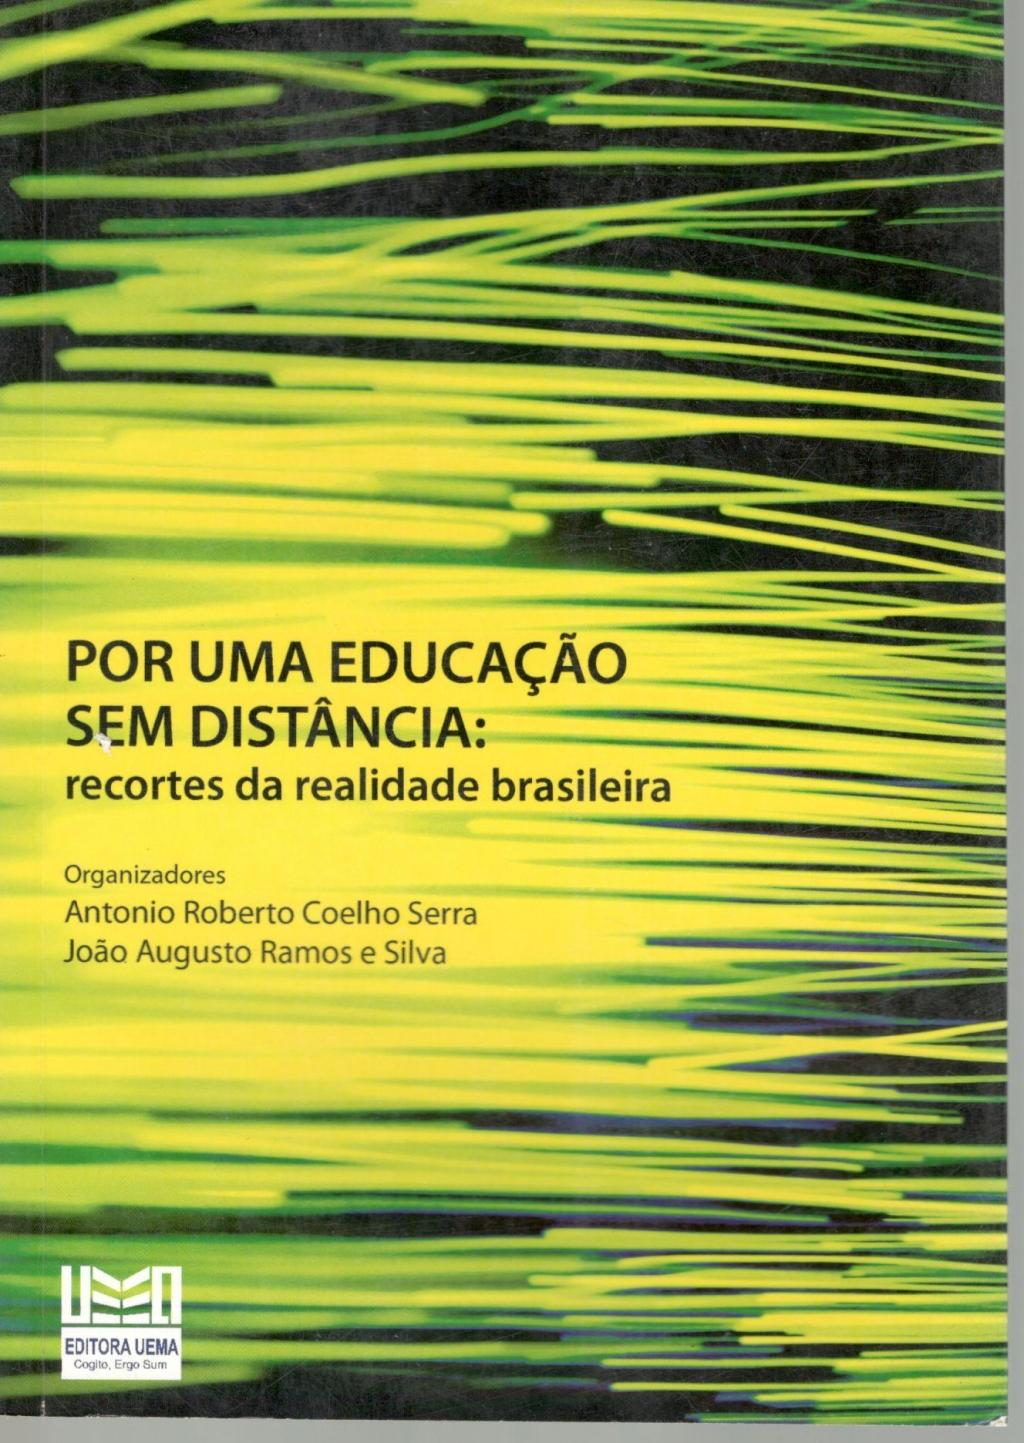 Por uma educação sem distância (Esgotado)